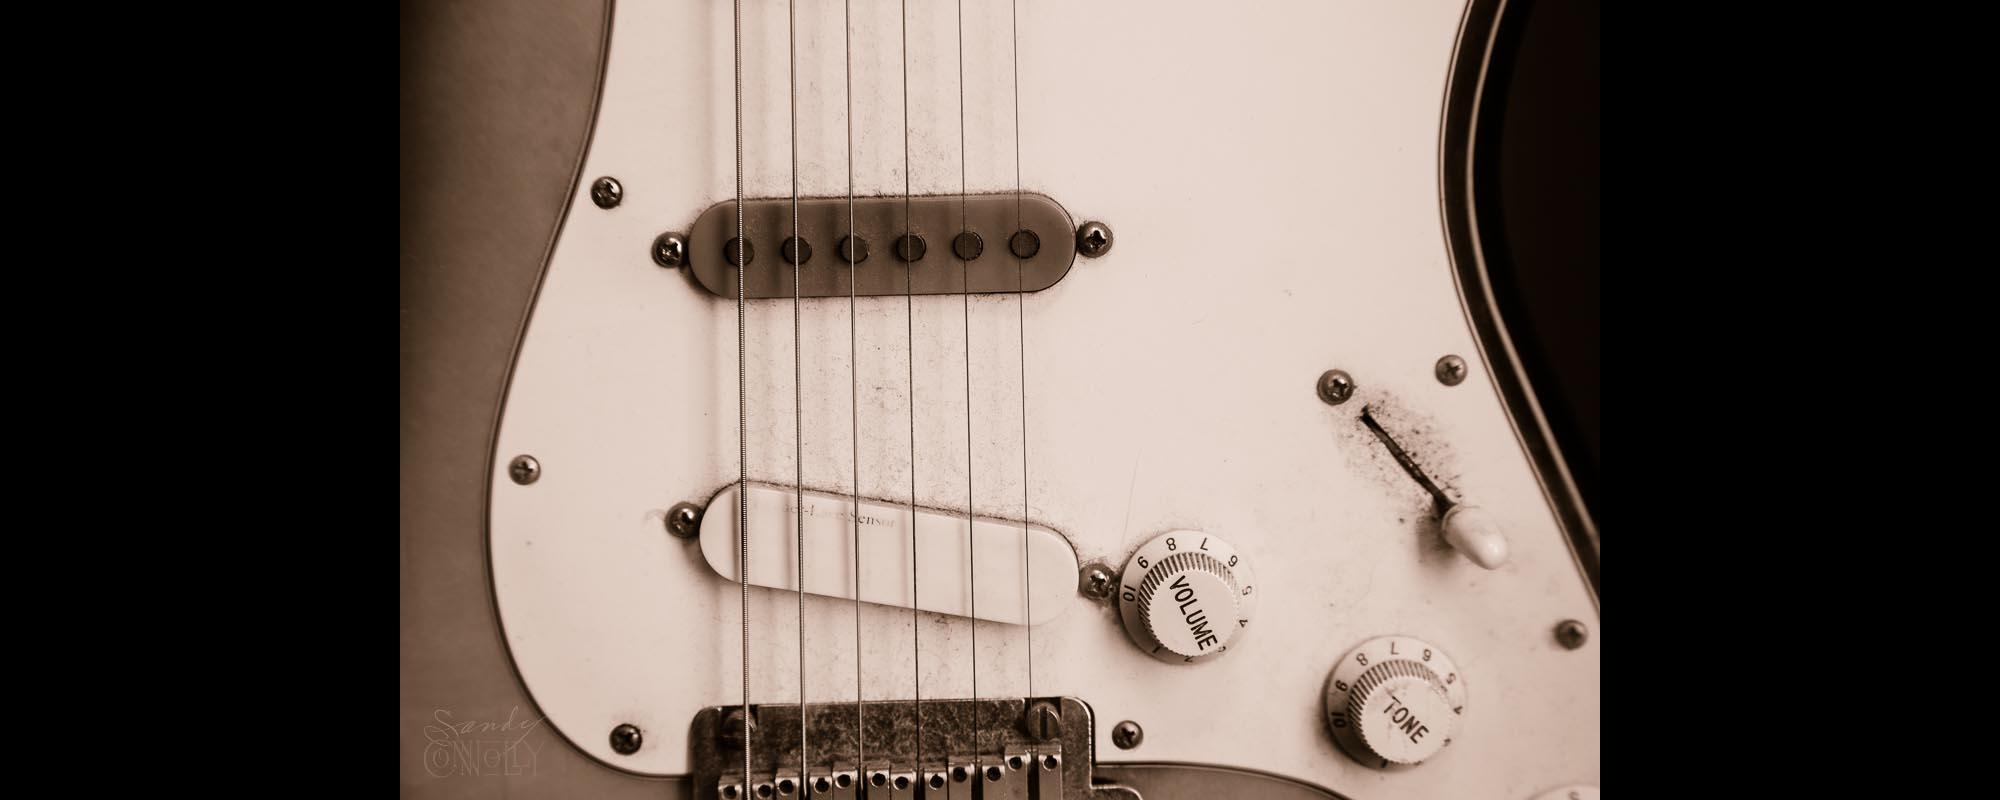 06-Justin-Paglino-Guitar-800